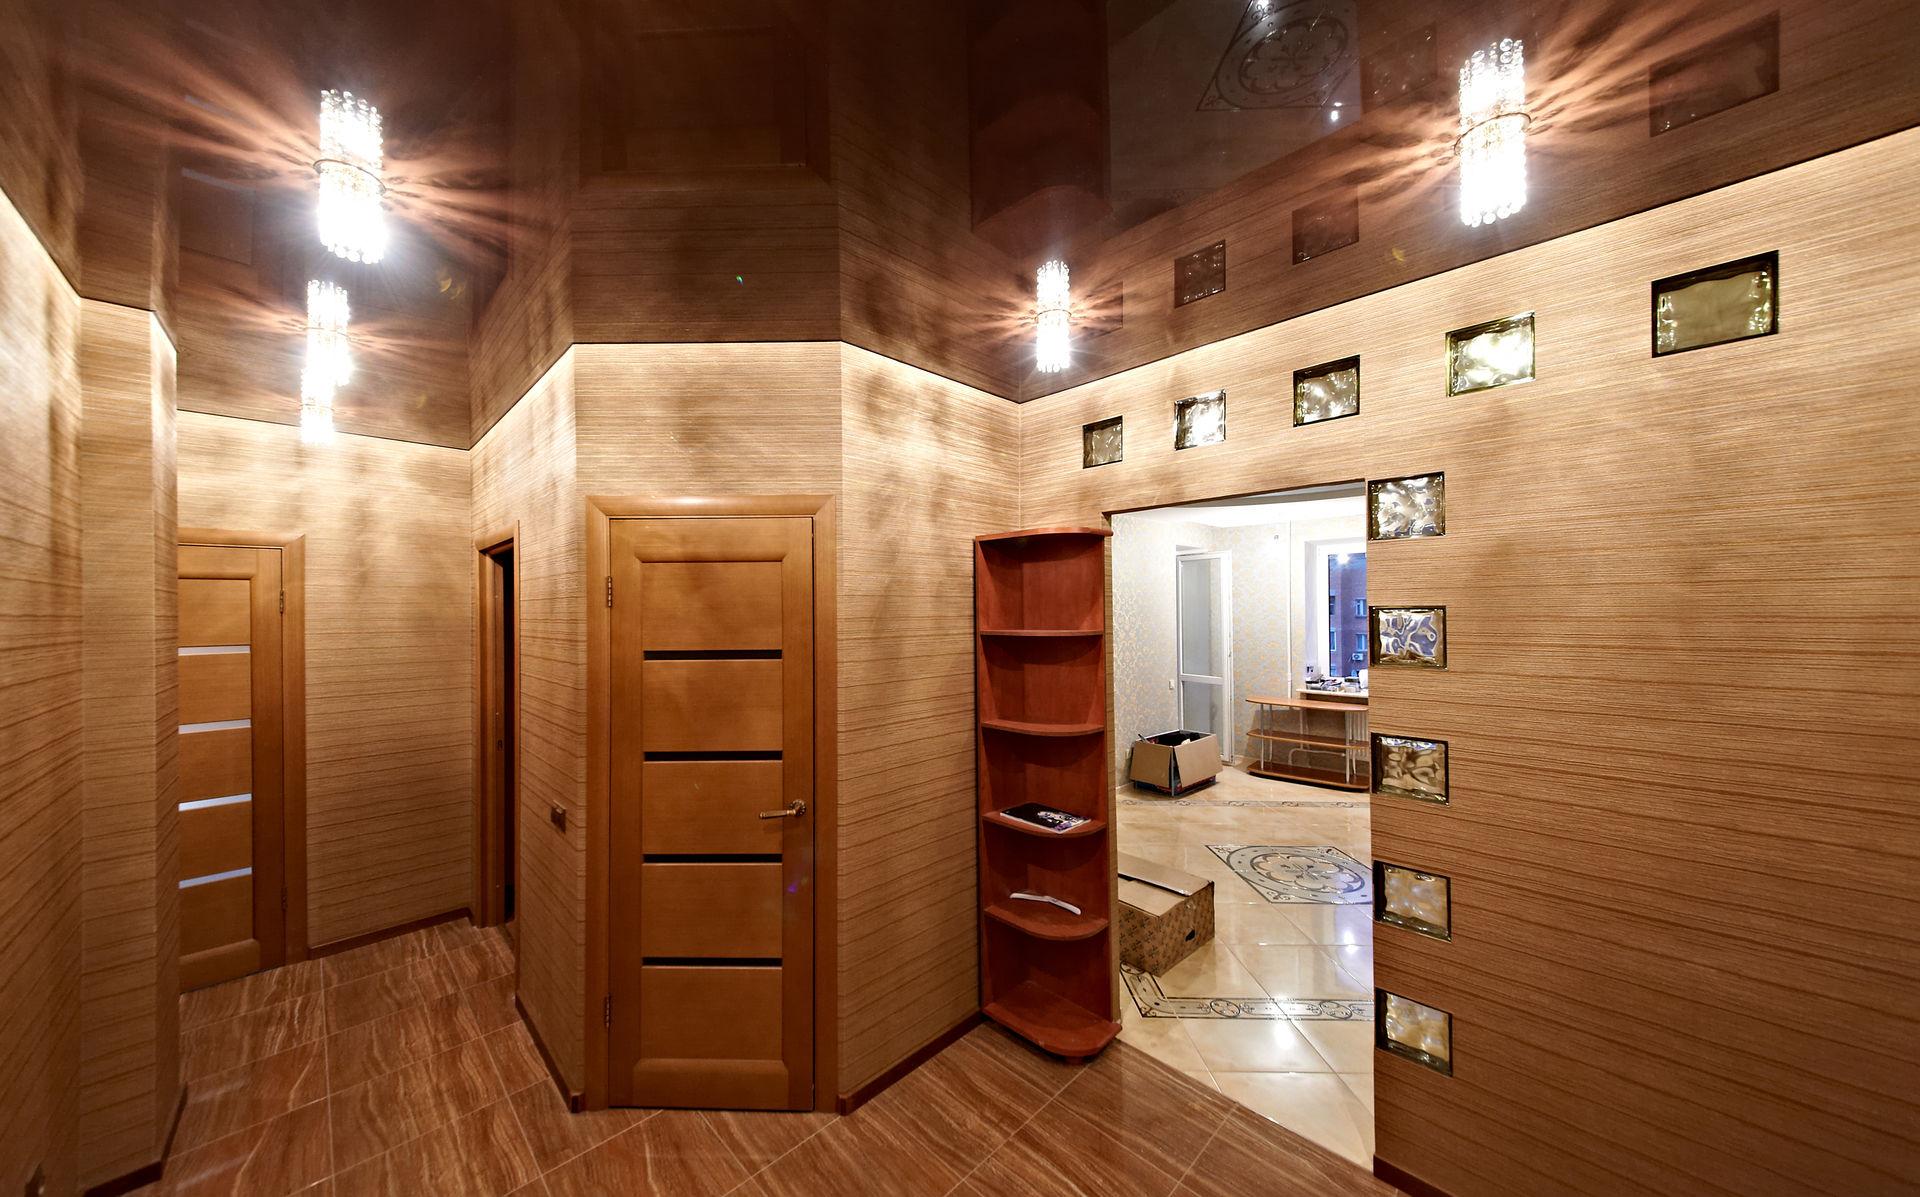 фото коридора с натяжными потолками как